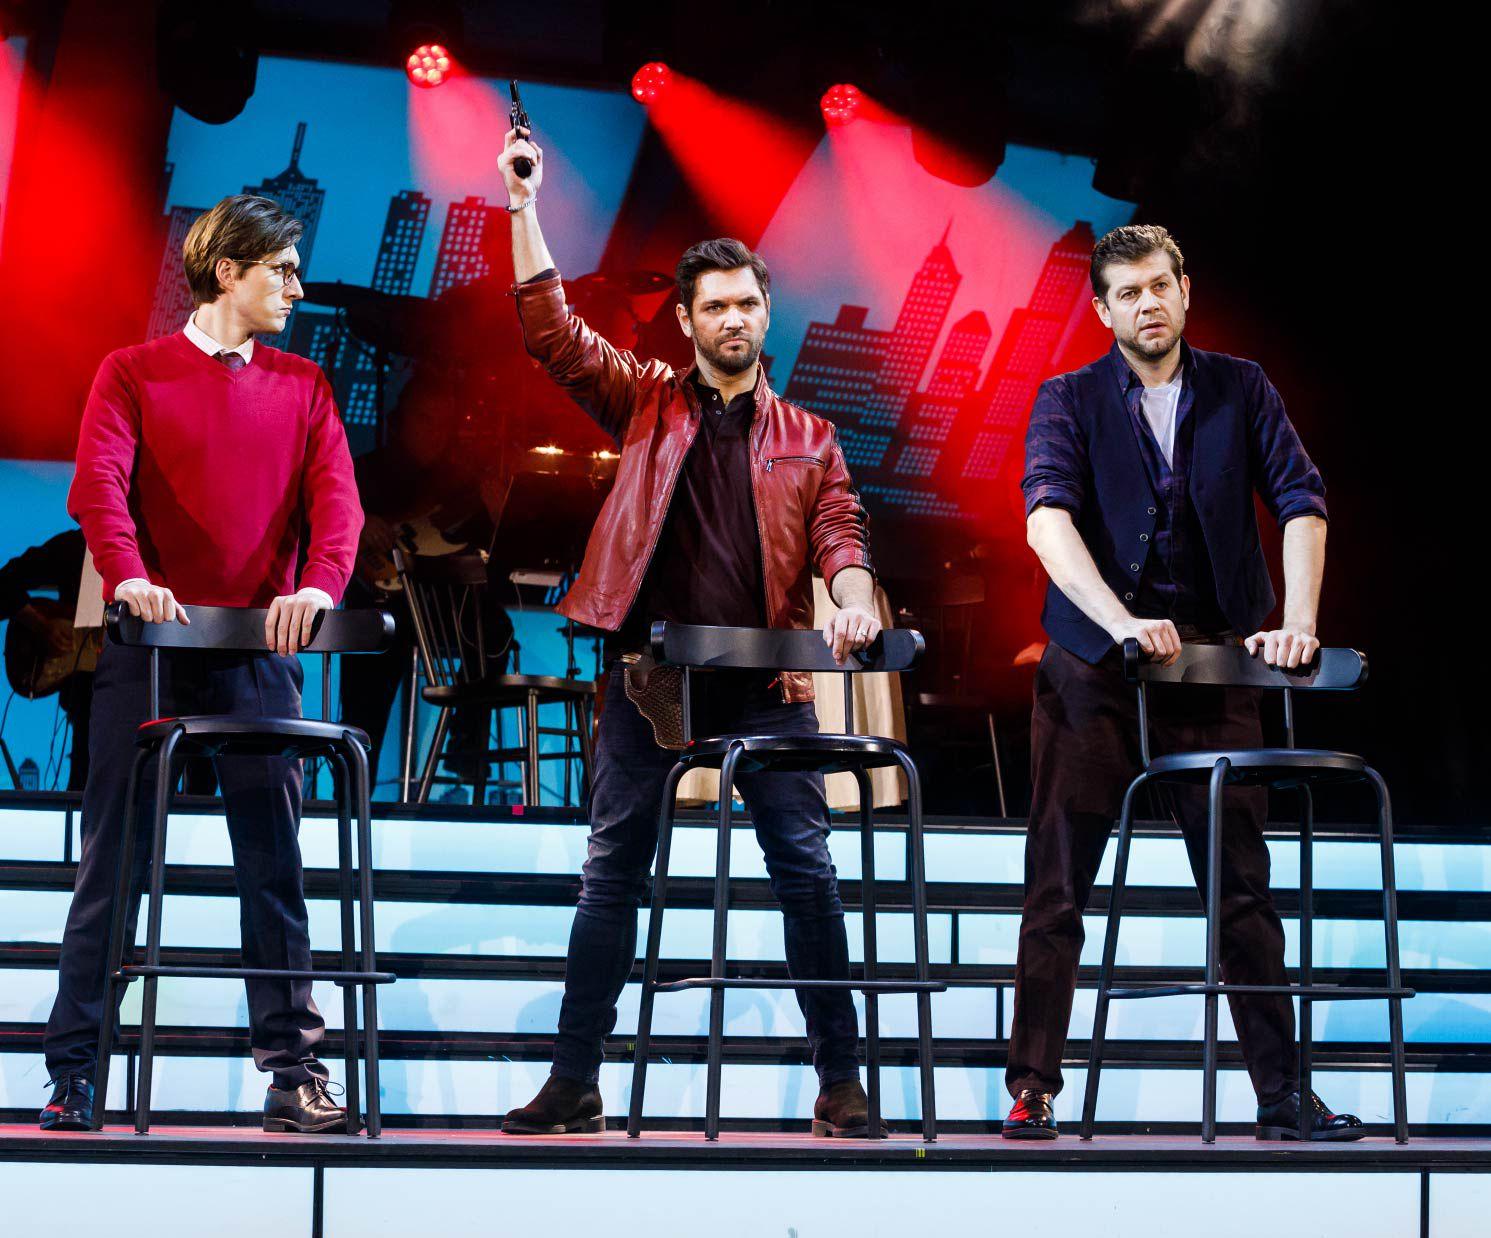 Мюзикл за столиками «День влюблённых» в Театре МДМ фото 6